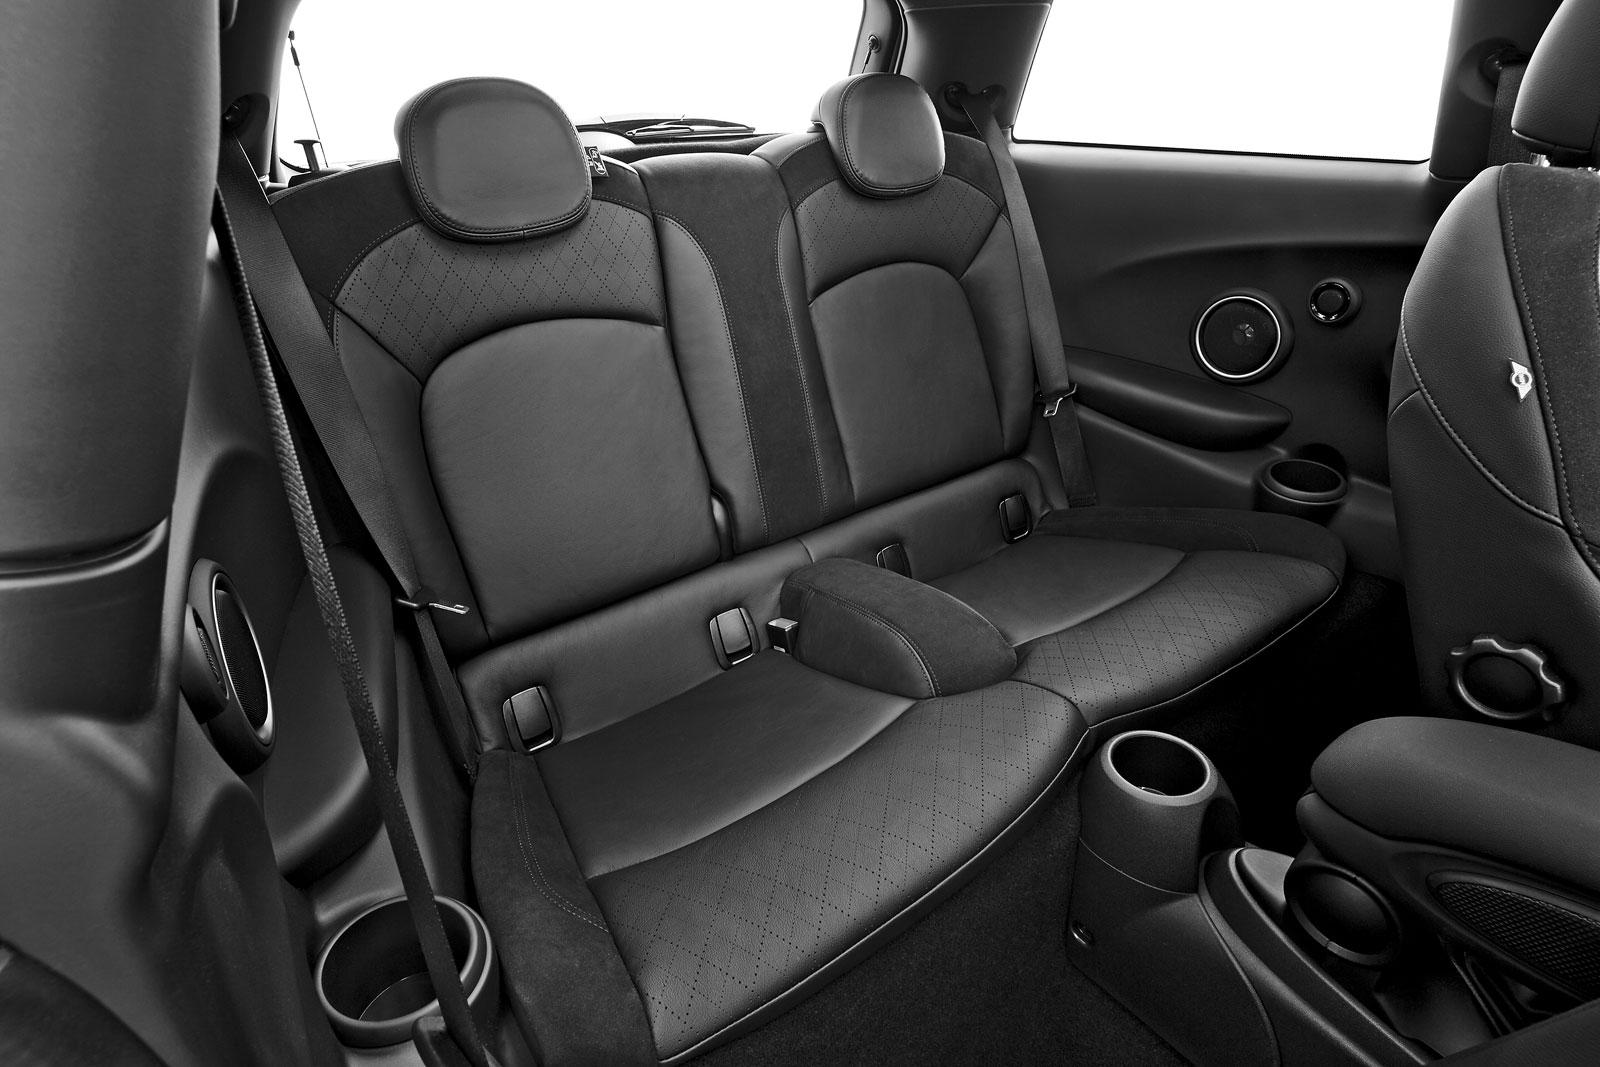 The new MINI Cooper S - Interior - Car Body Design